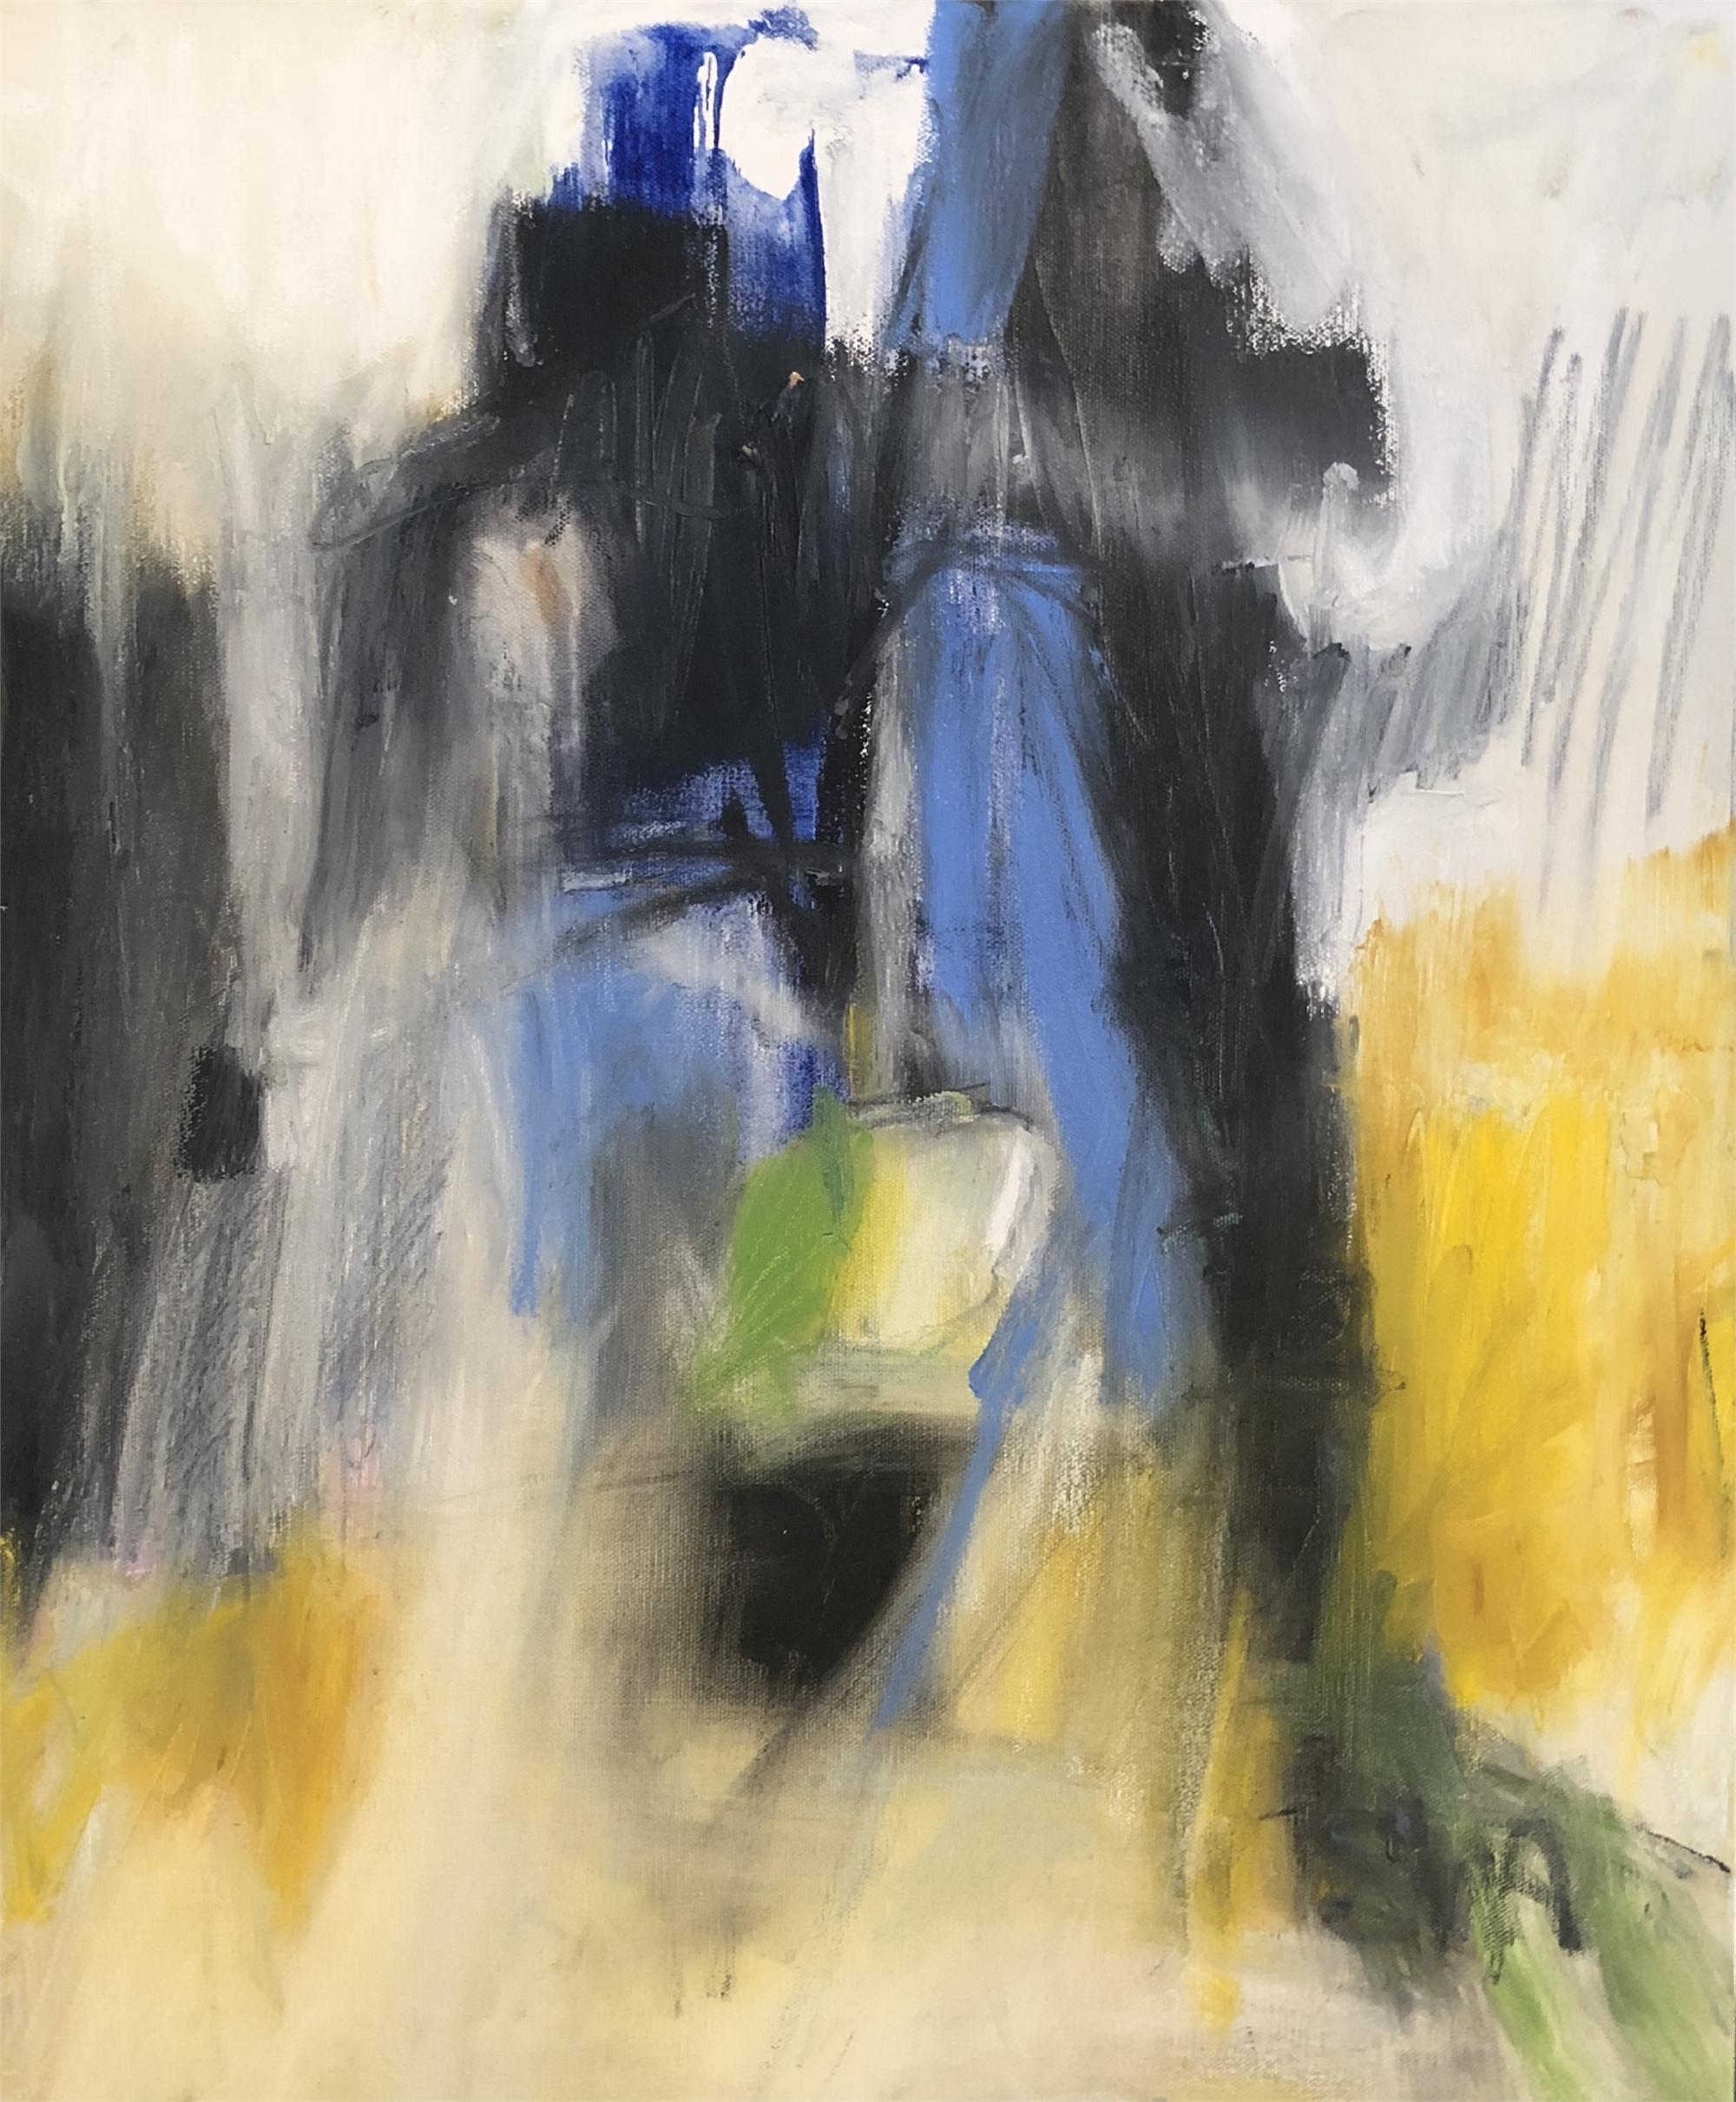 Incognito by Susan Altman